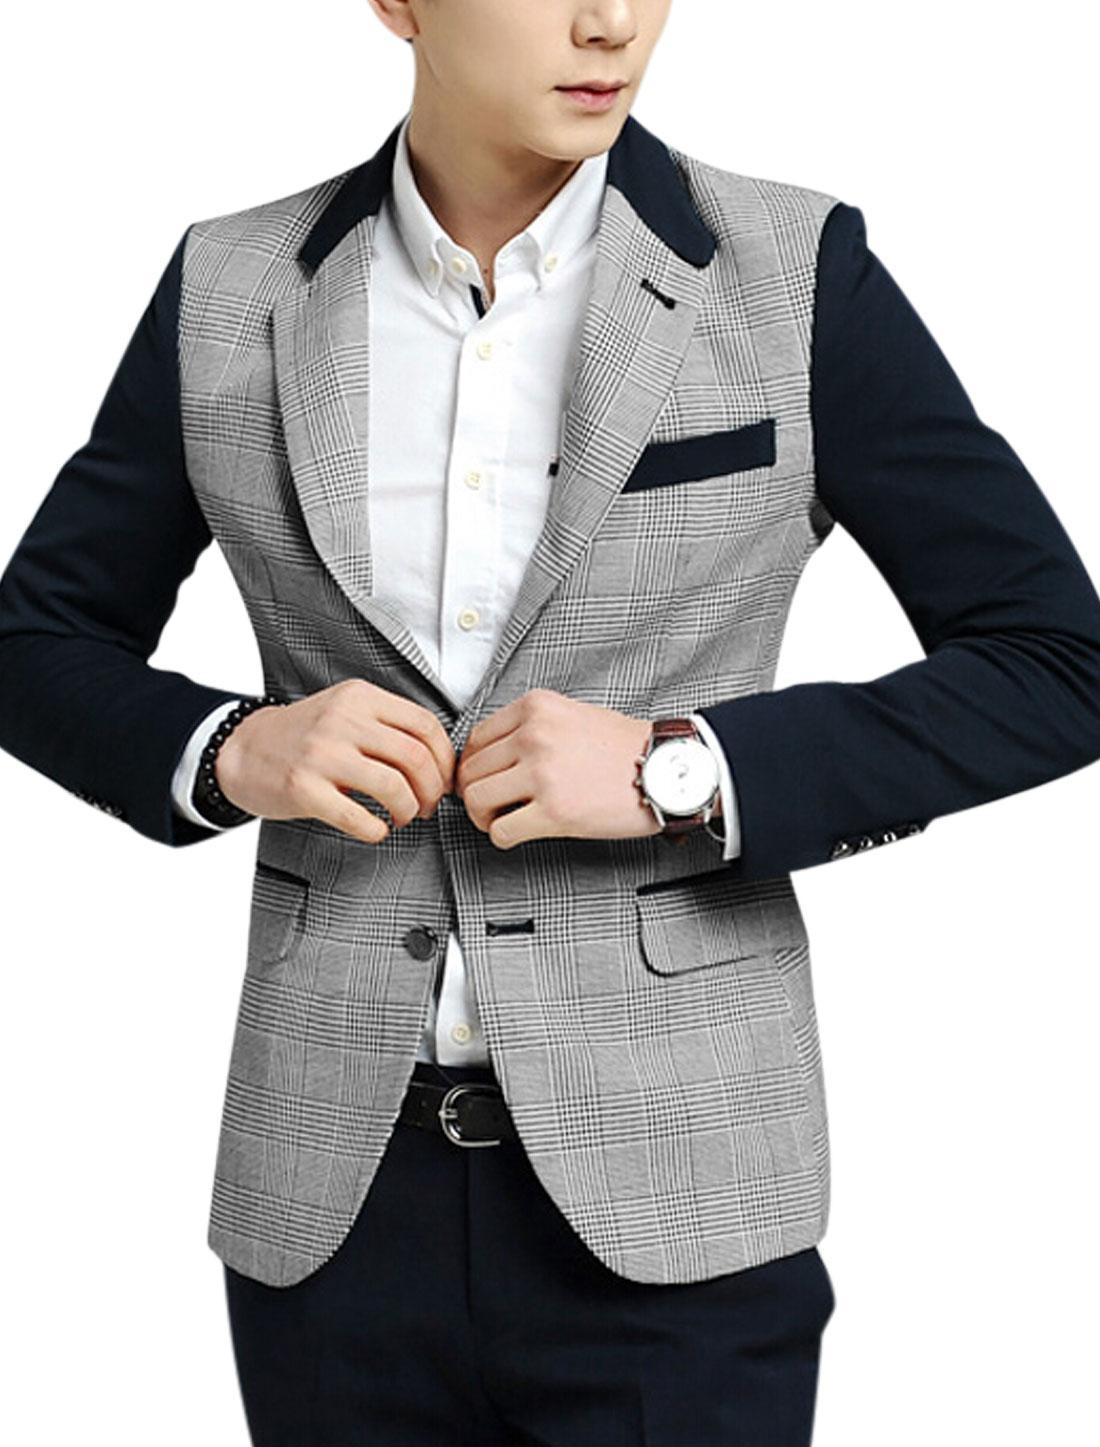 Men Notched Lapel Plaids Button Decor Cuff Jacket Gray Navy Blue S